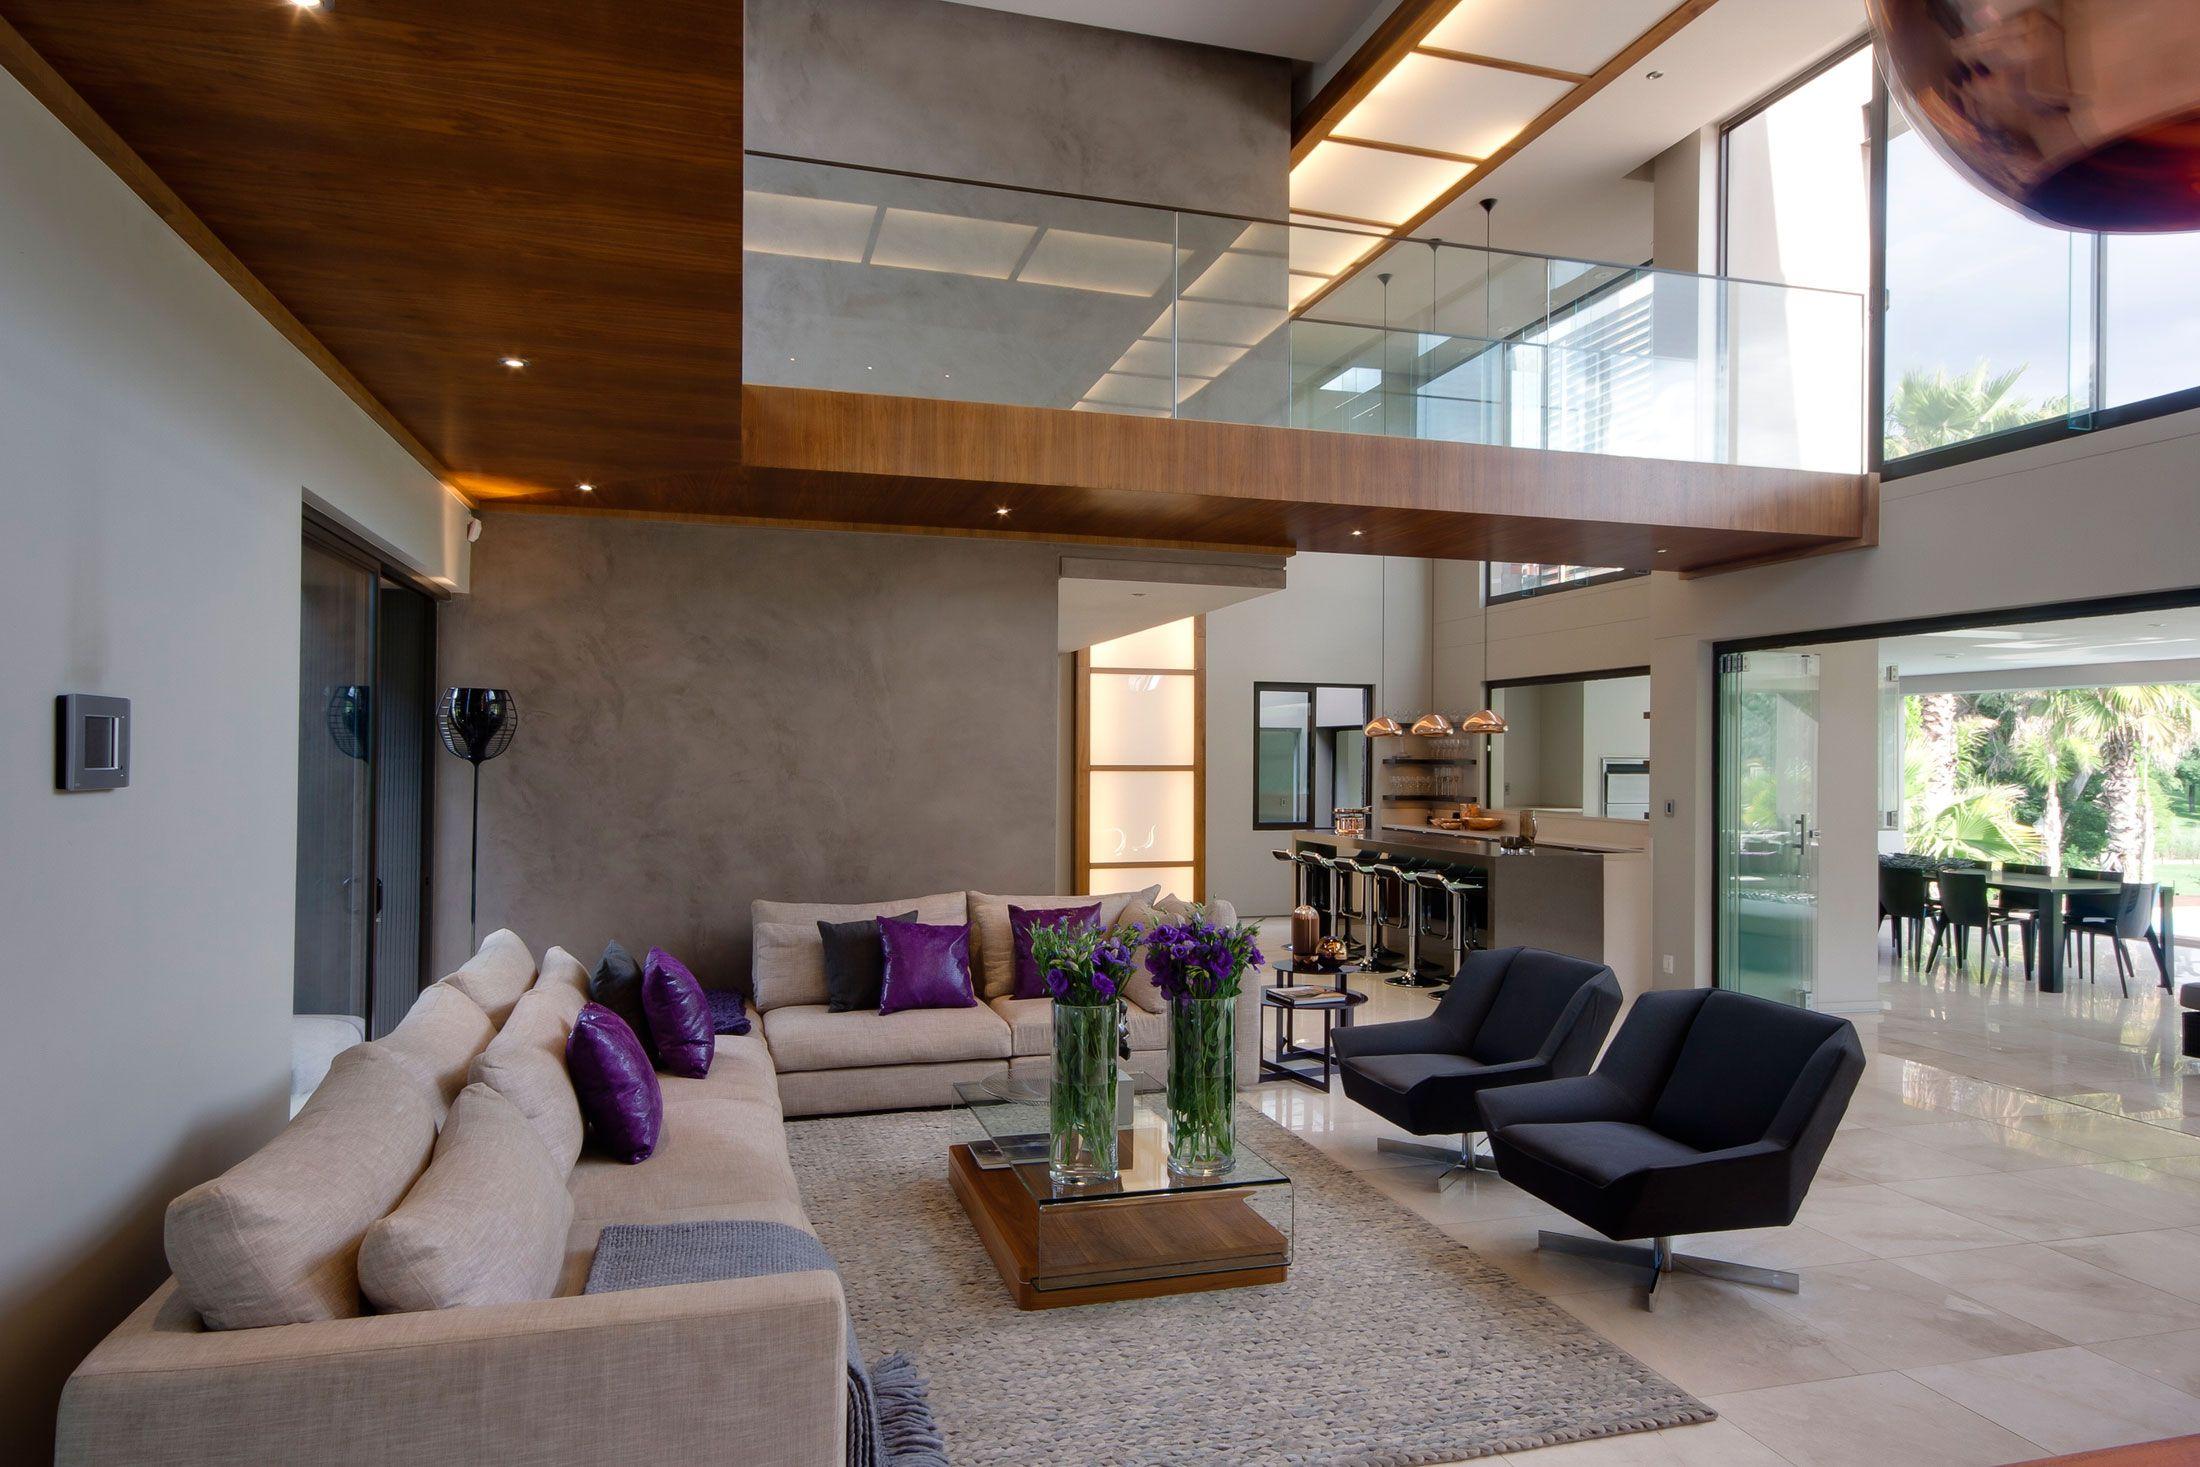 70 Moderne, Innovative Luxus Interieur Ideen Fürs Wohnzimmer   Lila Kissen  Bequem Sessel Wohn Essbereich Design